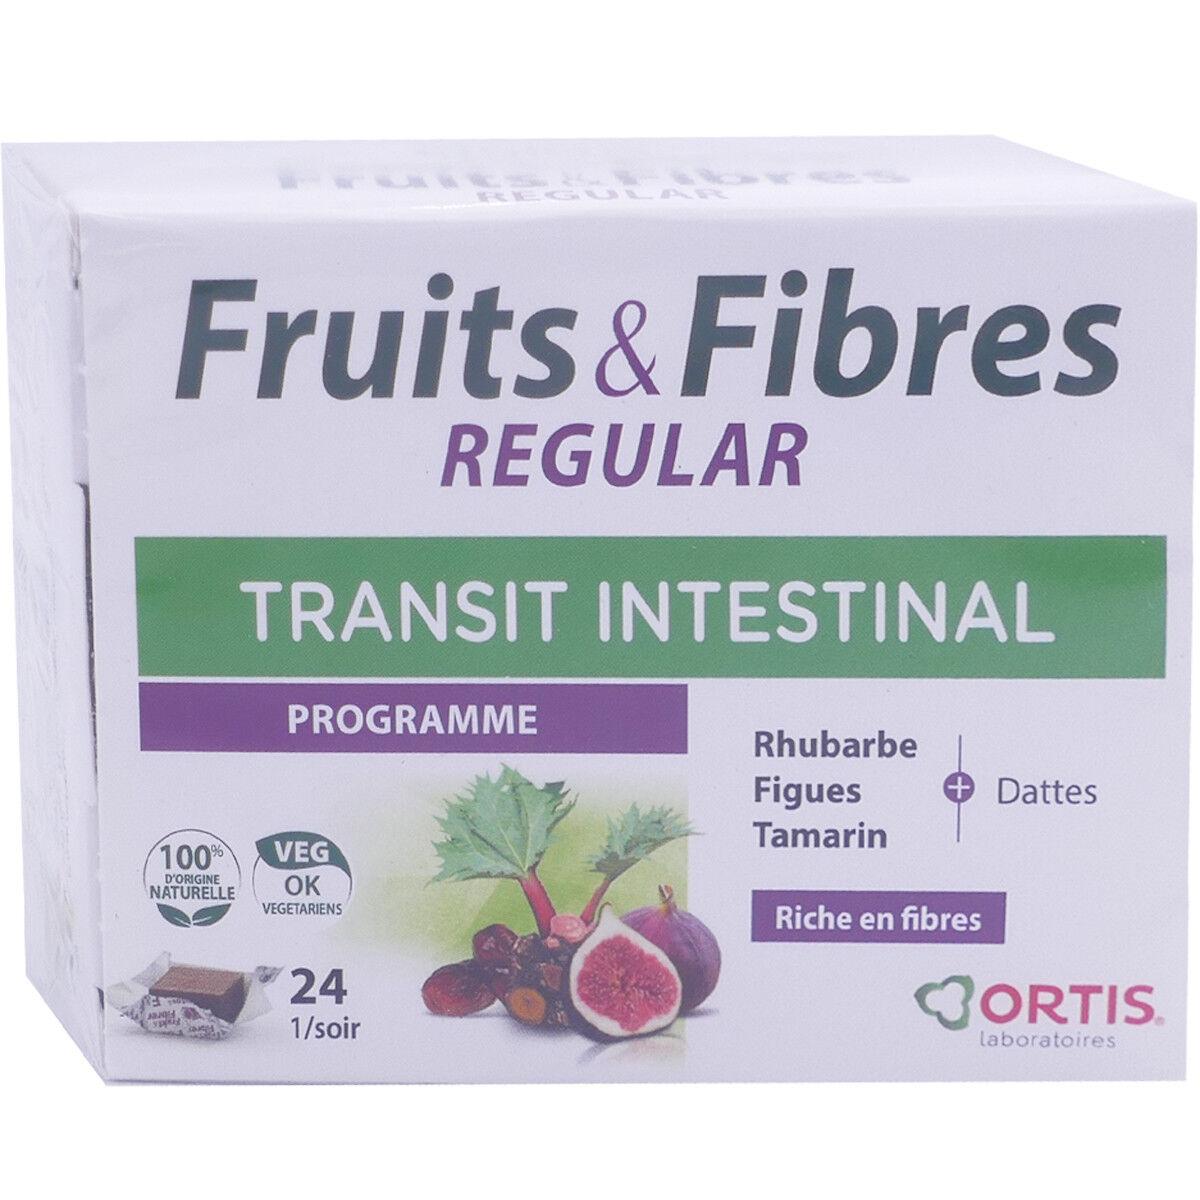 ORTIS Fruits & fibres regular transit intestinal 24 cubes